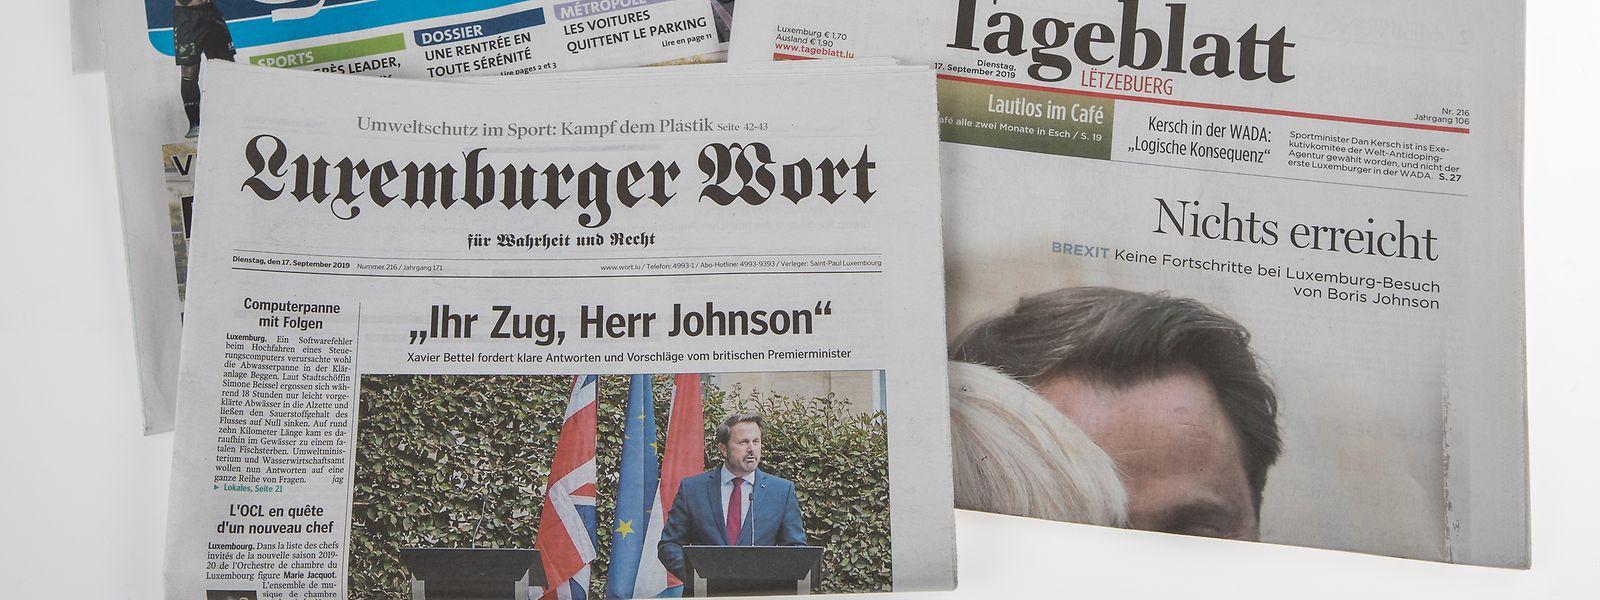 Le Luxemburger Wort atteint 70% de la population totale et 84% des résidents nationaux.